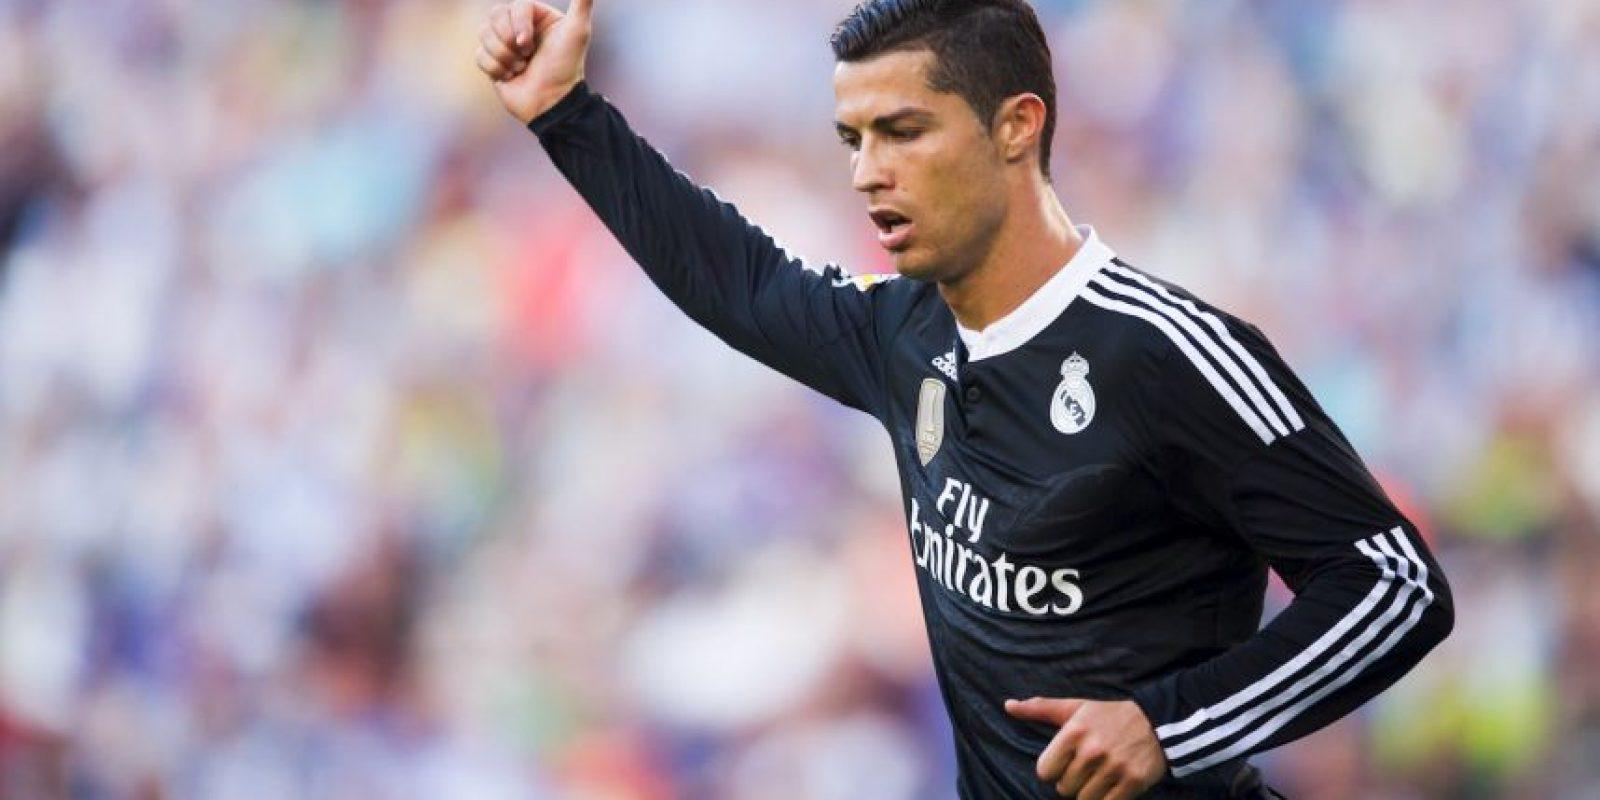 Llego a 61 goles en todas las competiciones Foto:Getty Images